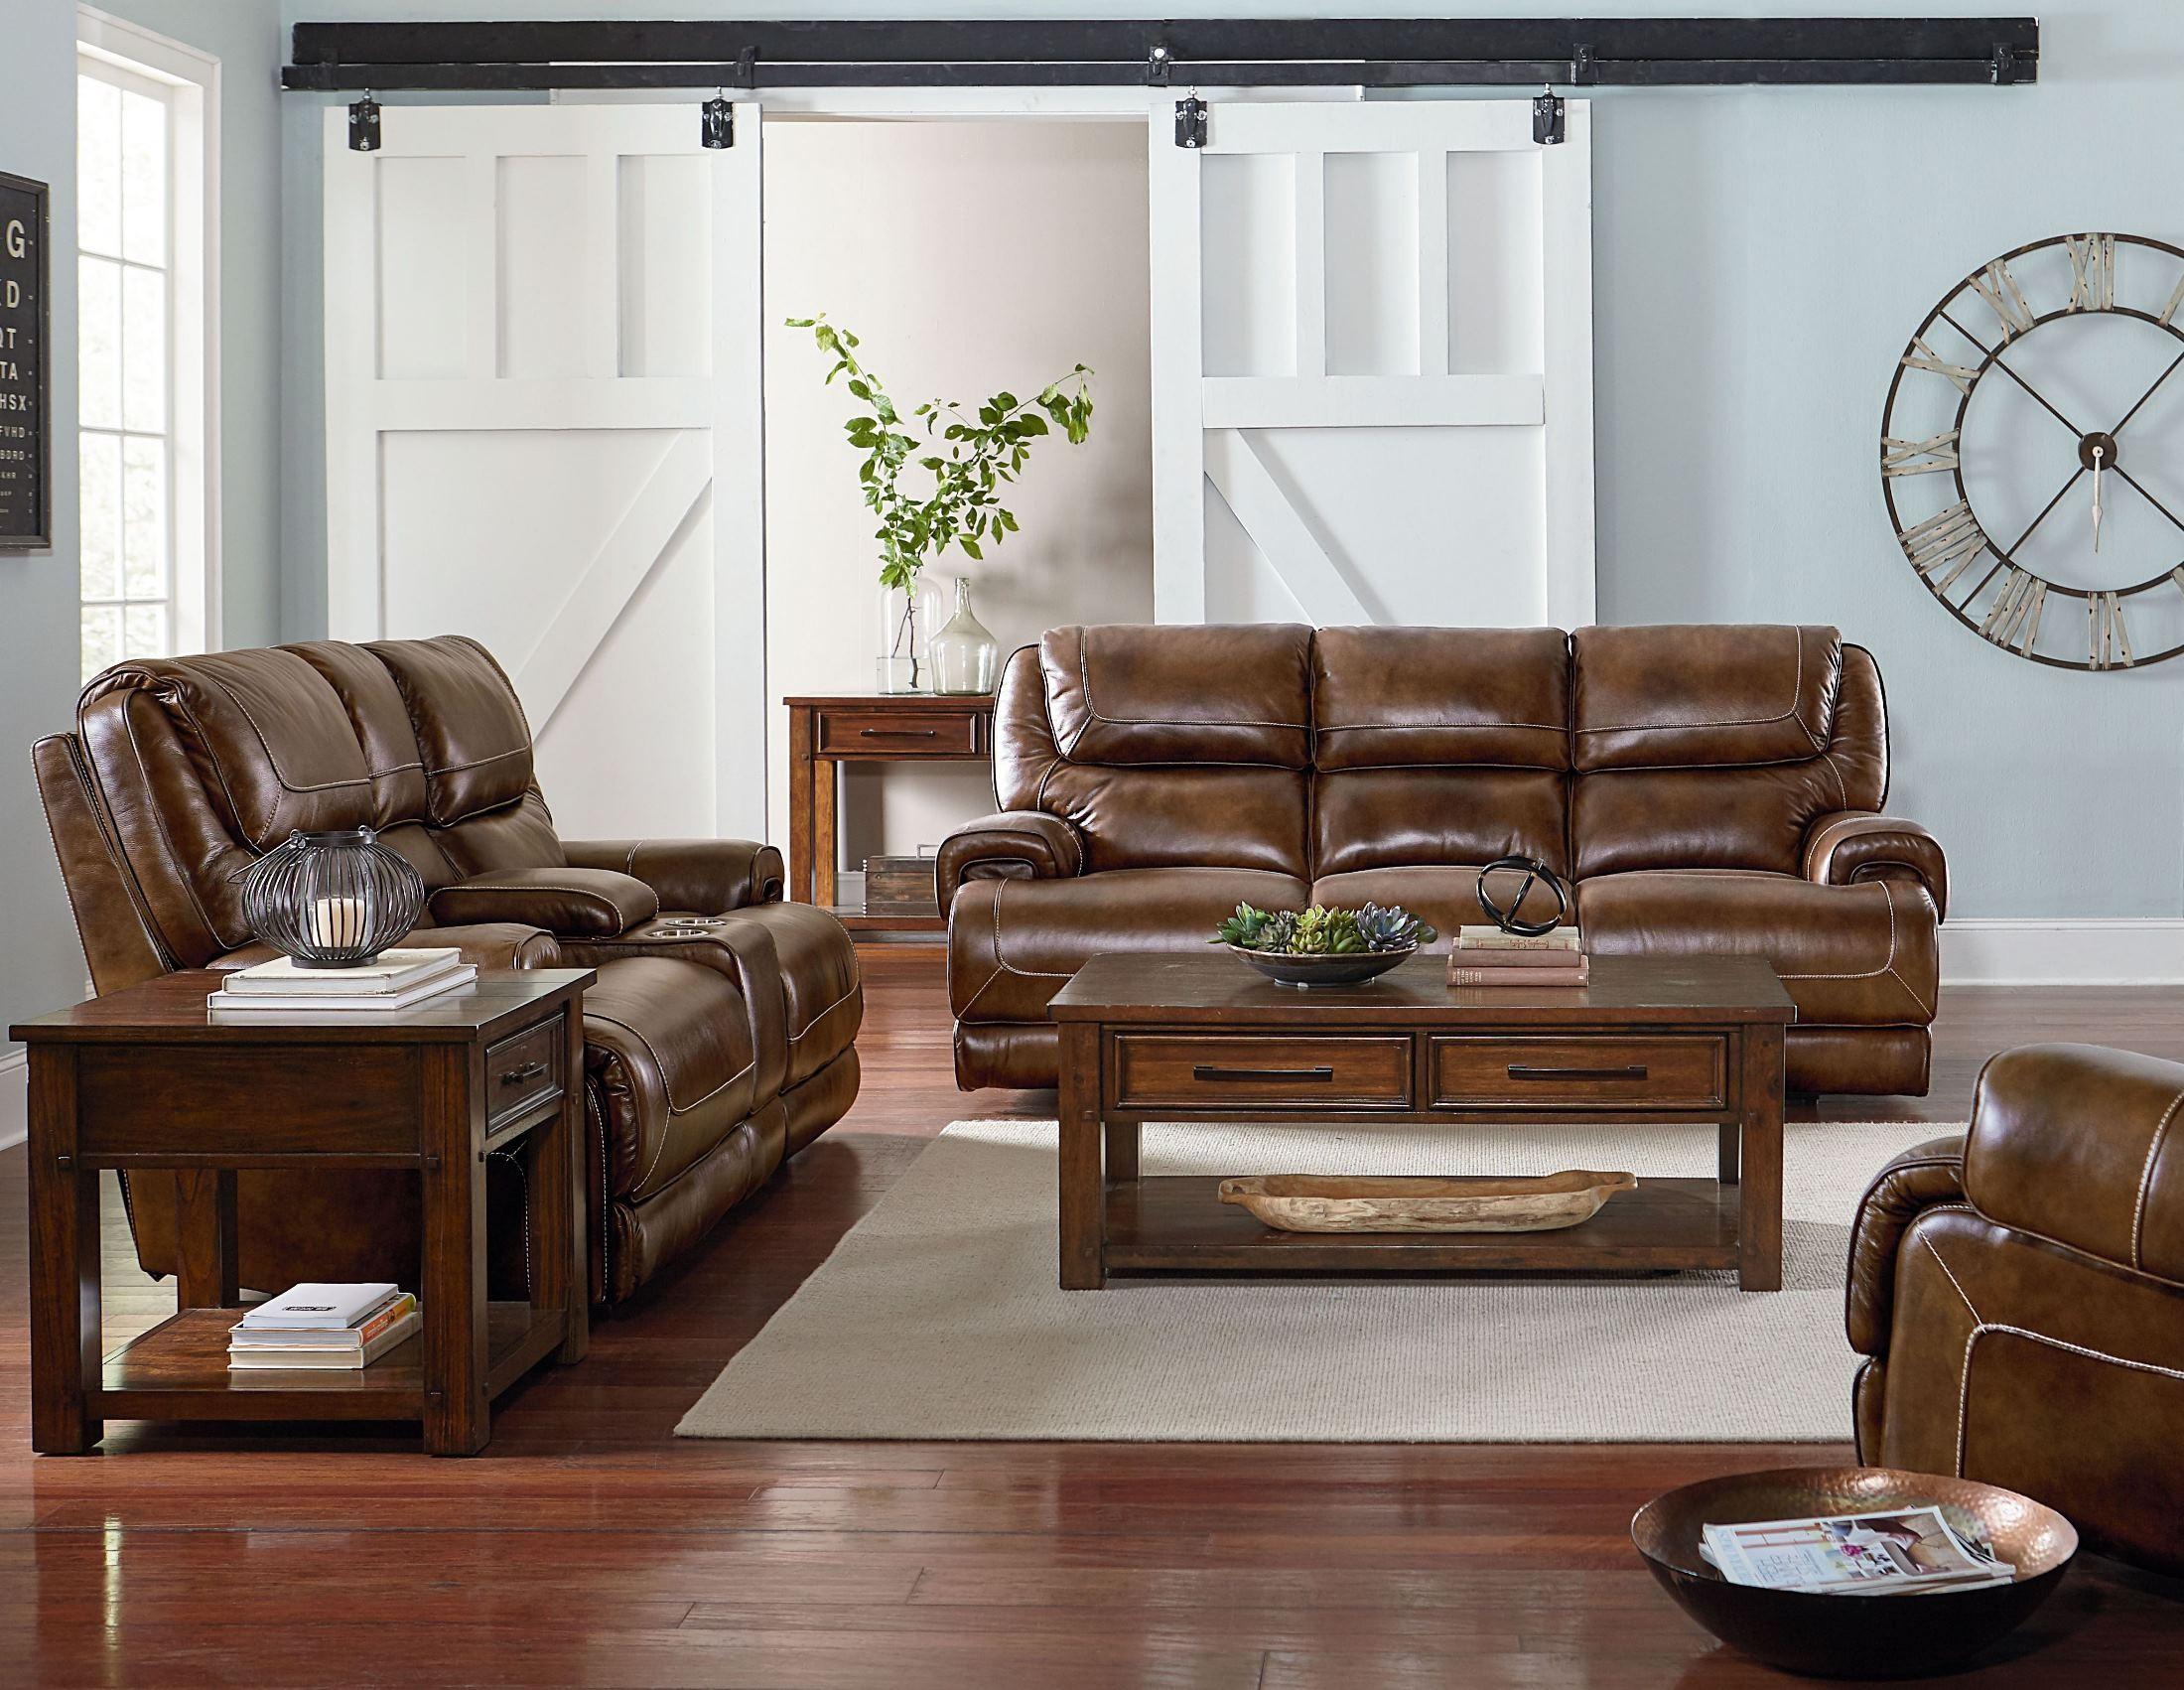 chisholm brown reclining living room set from standard furniture coleman furniture. Black Bedroom Furniture Sets. Home Design Ideas